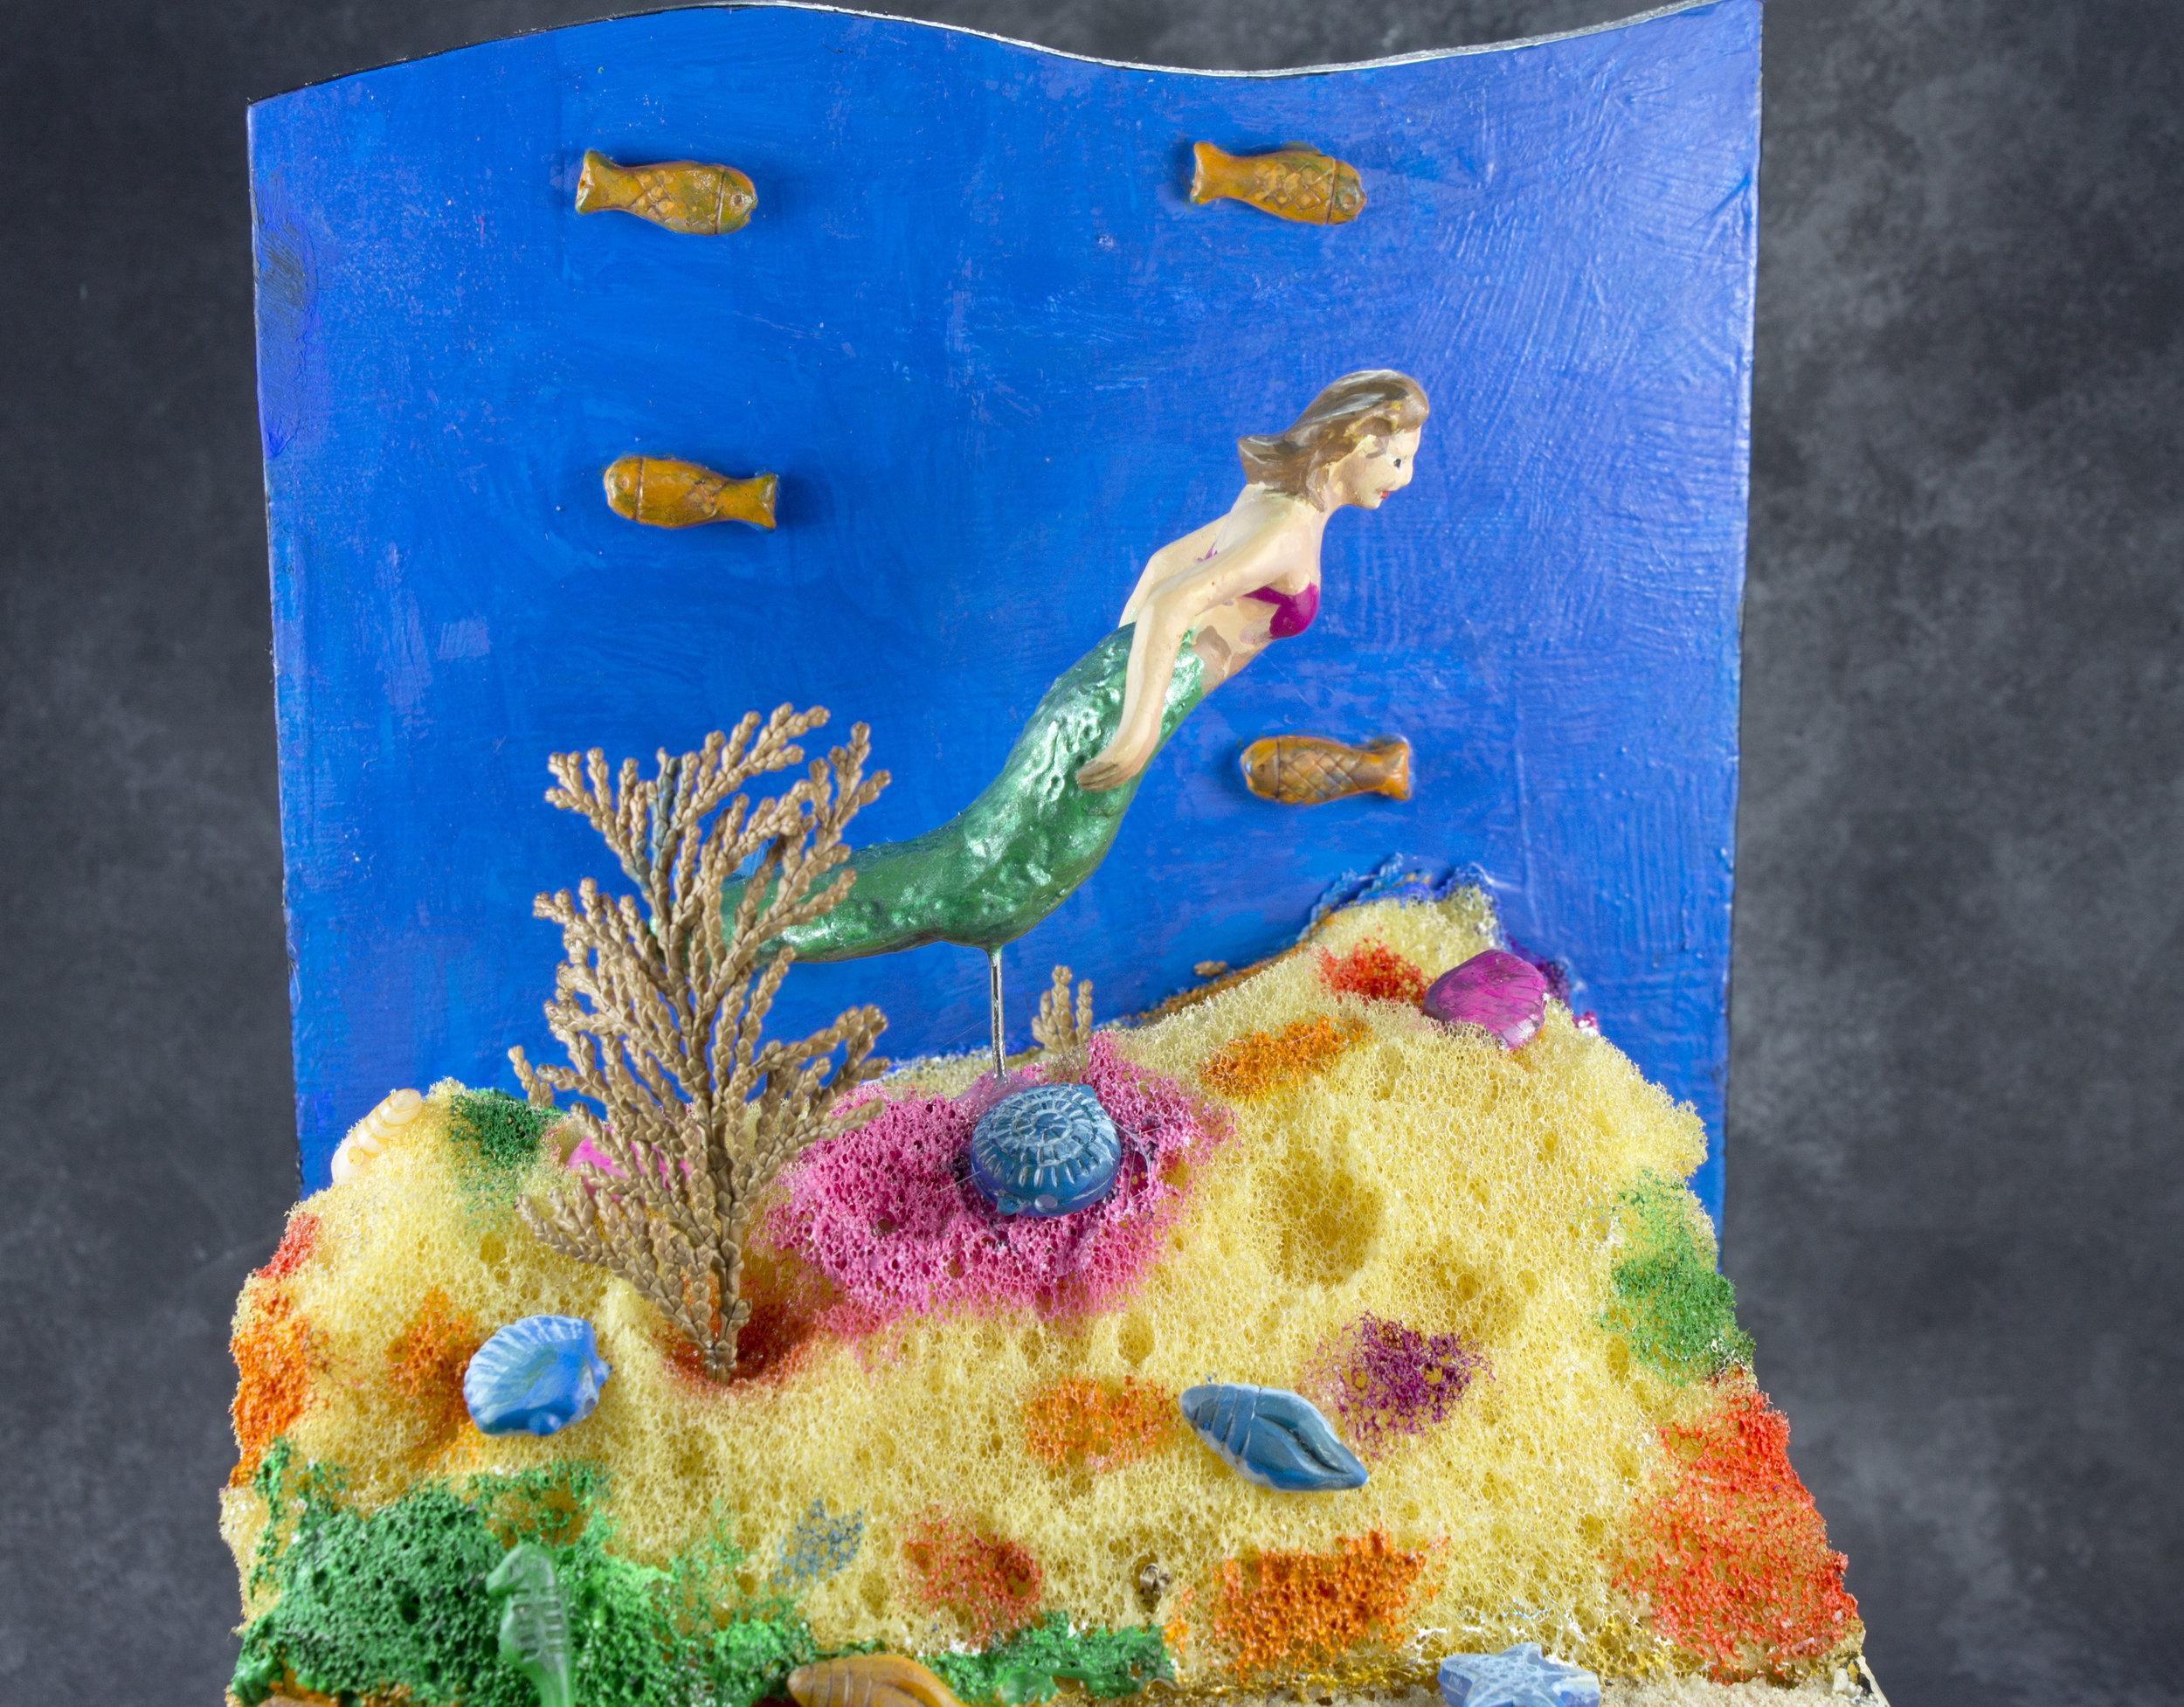 Mermaid in the Sea